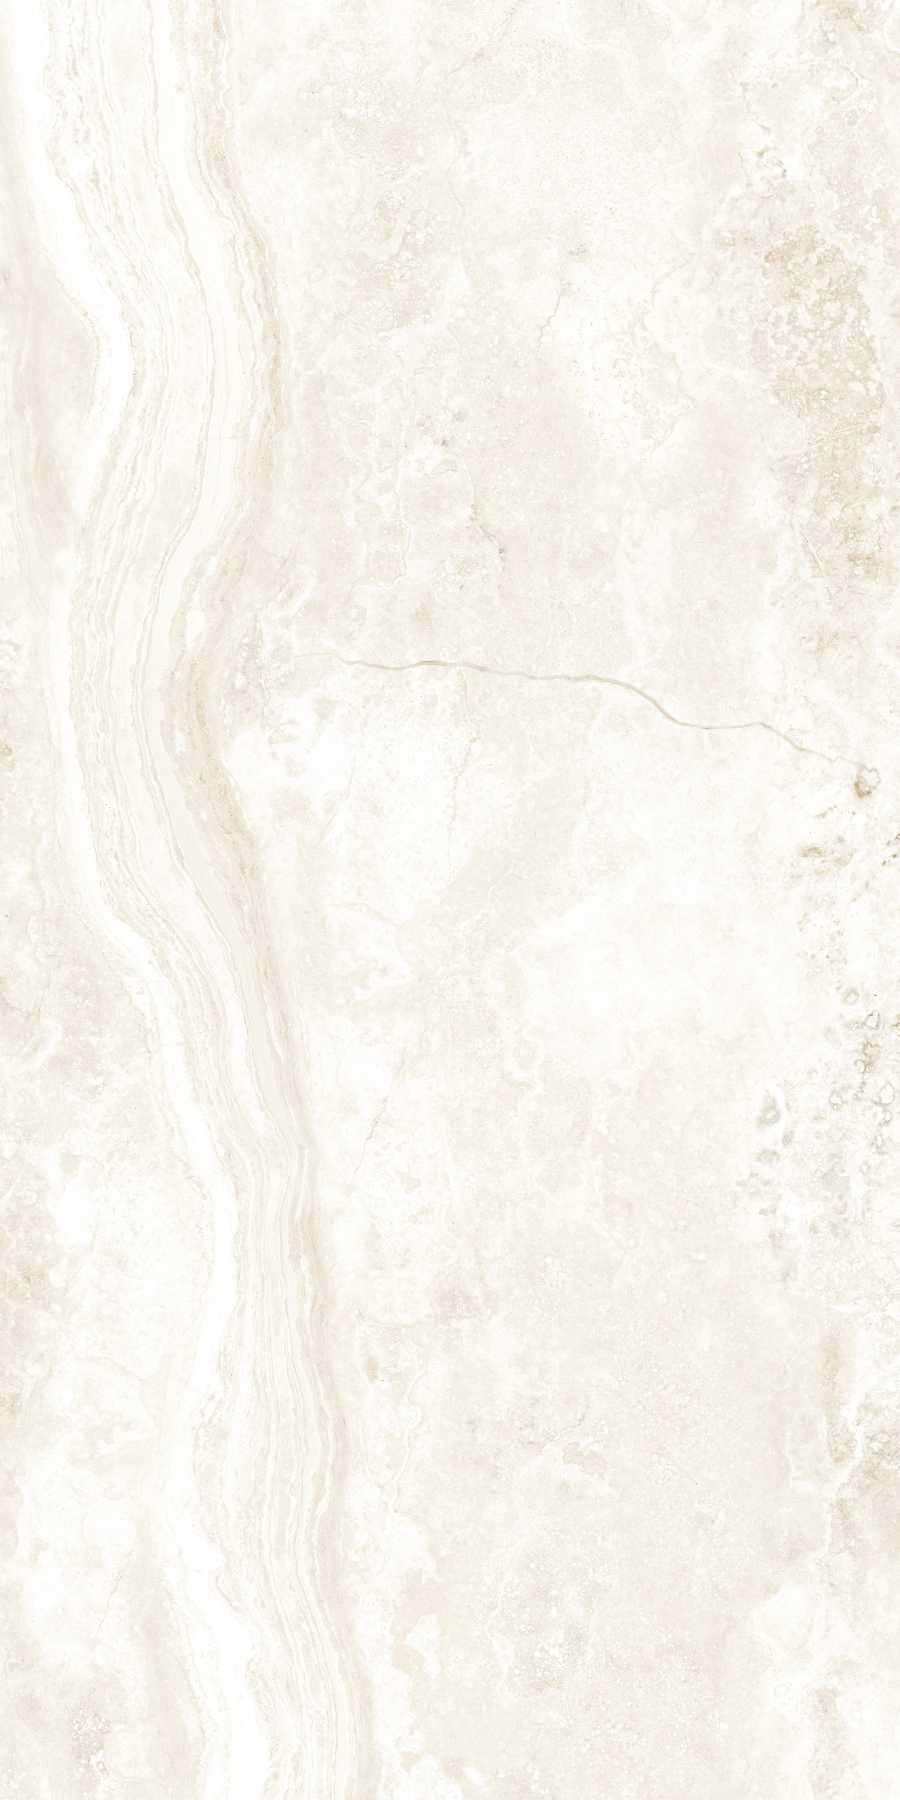 MARBLE-WHITE__1595827002_125.167.9.59